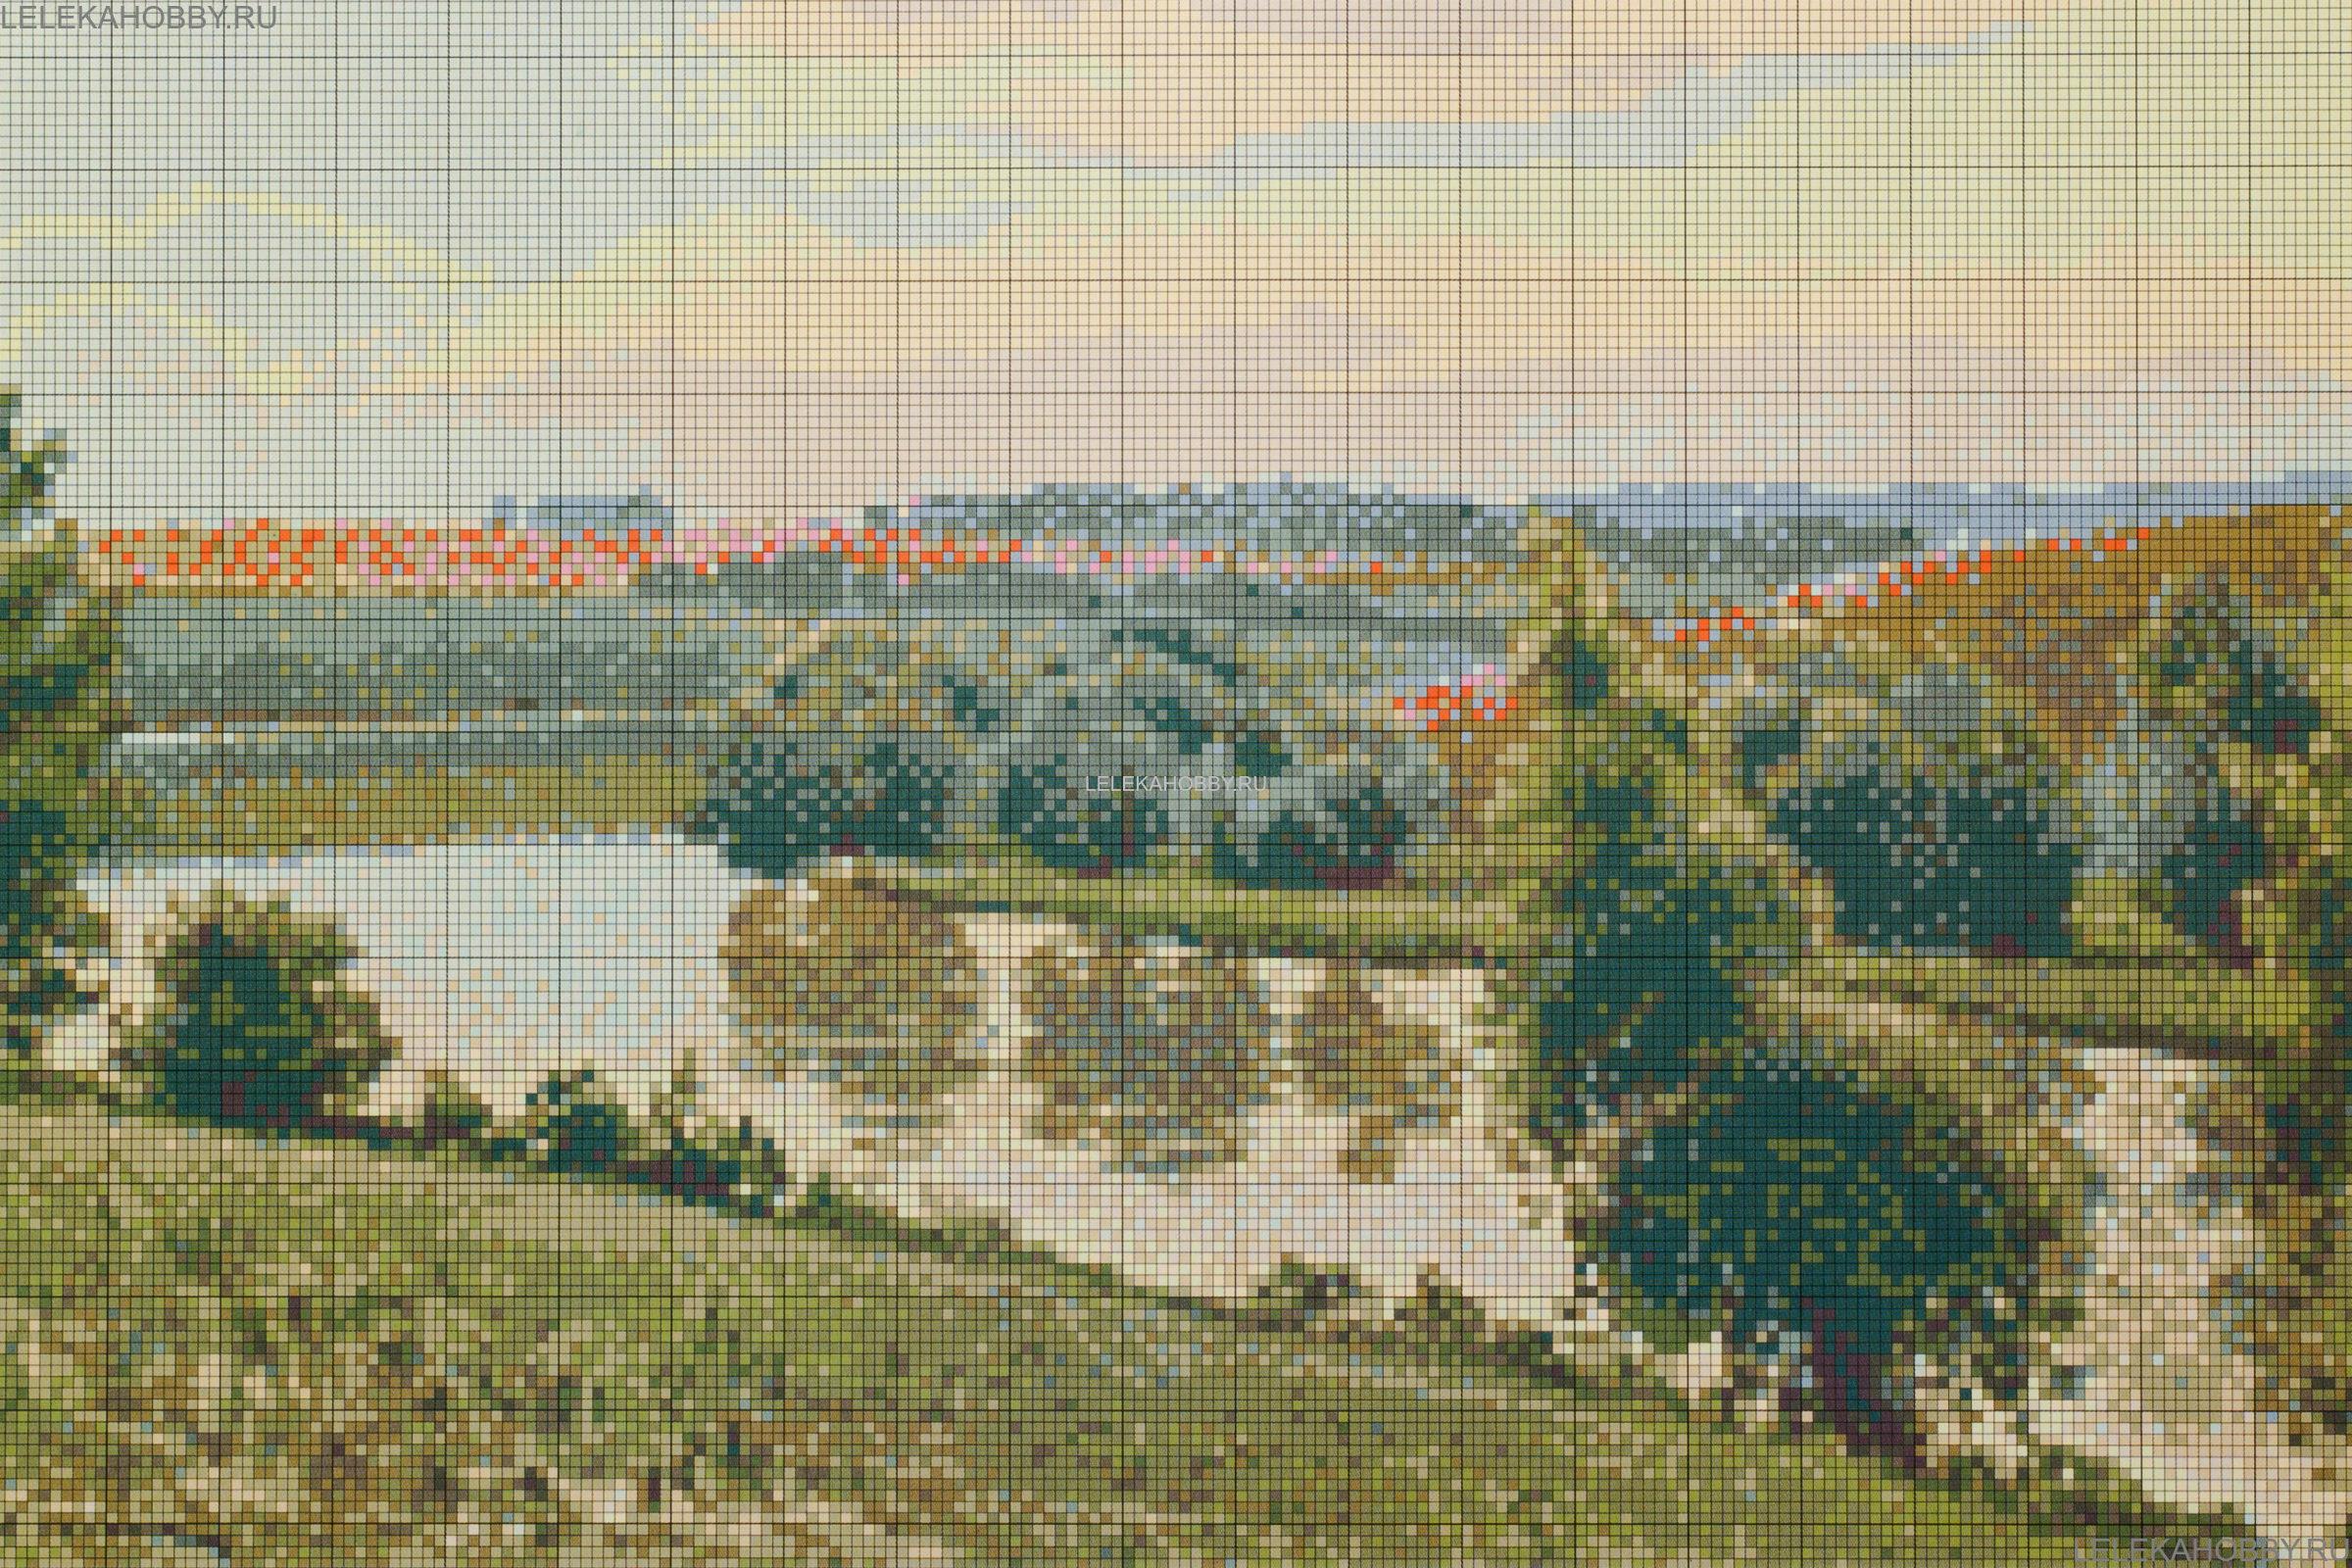 Журнал домашняя коллекция вышивка крестом санкт-петербург 73